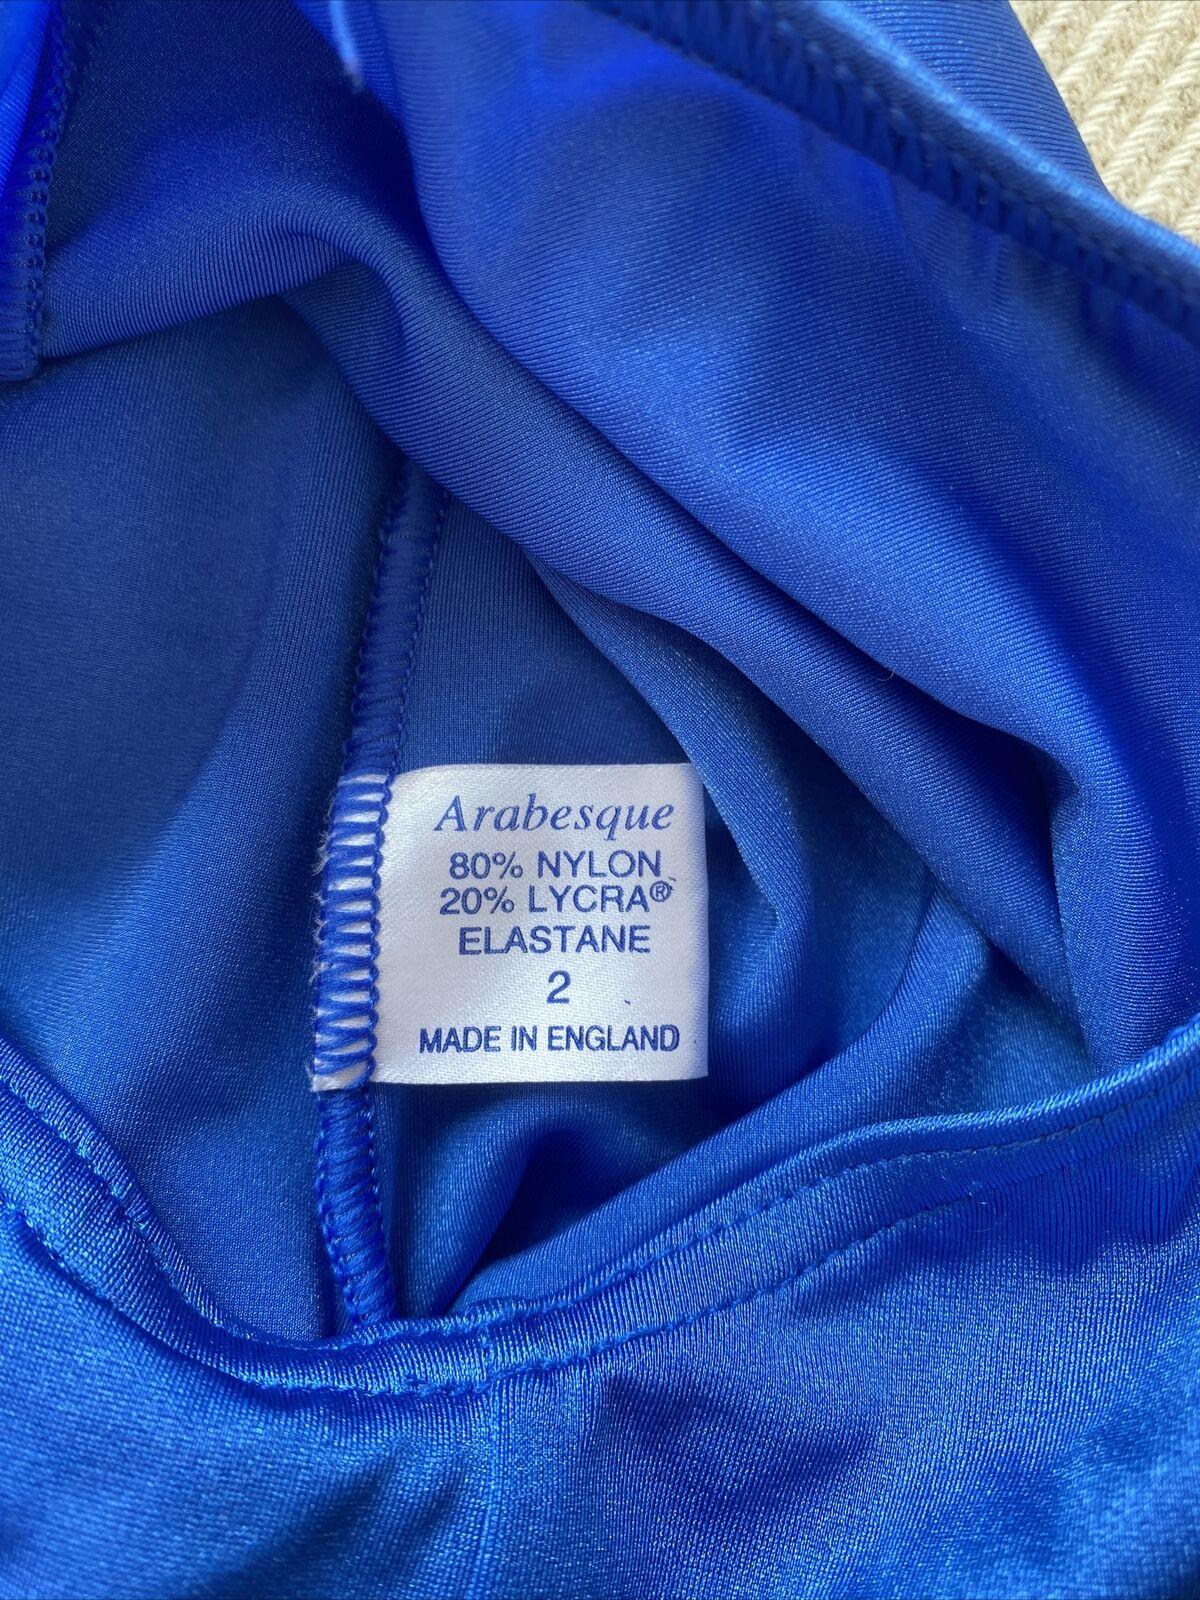 Arabesque Turquoise Key Hole Leotard size 2A